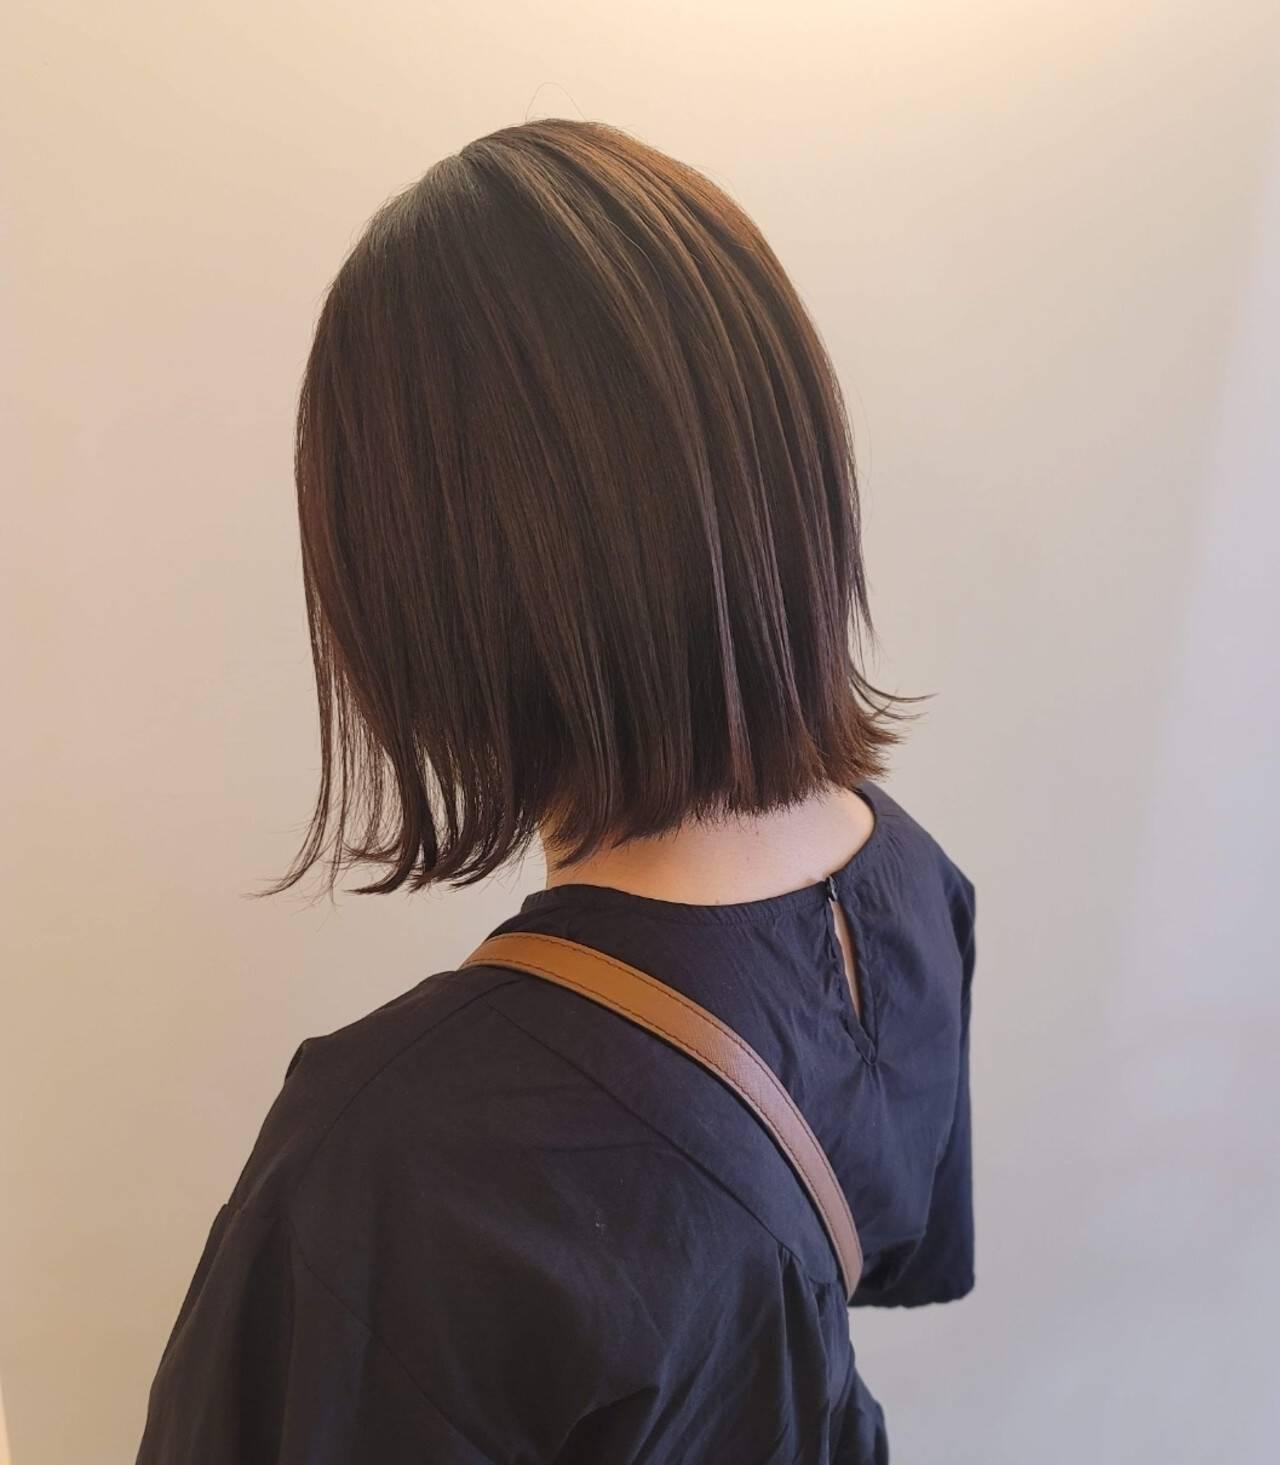 ナチュラル 前下がりヘア ヘアカット 切りっぱなしボブヘアスタイルや髪型の写真・画像